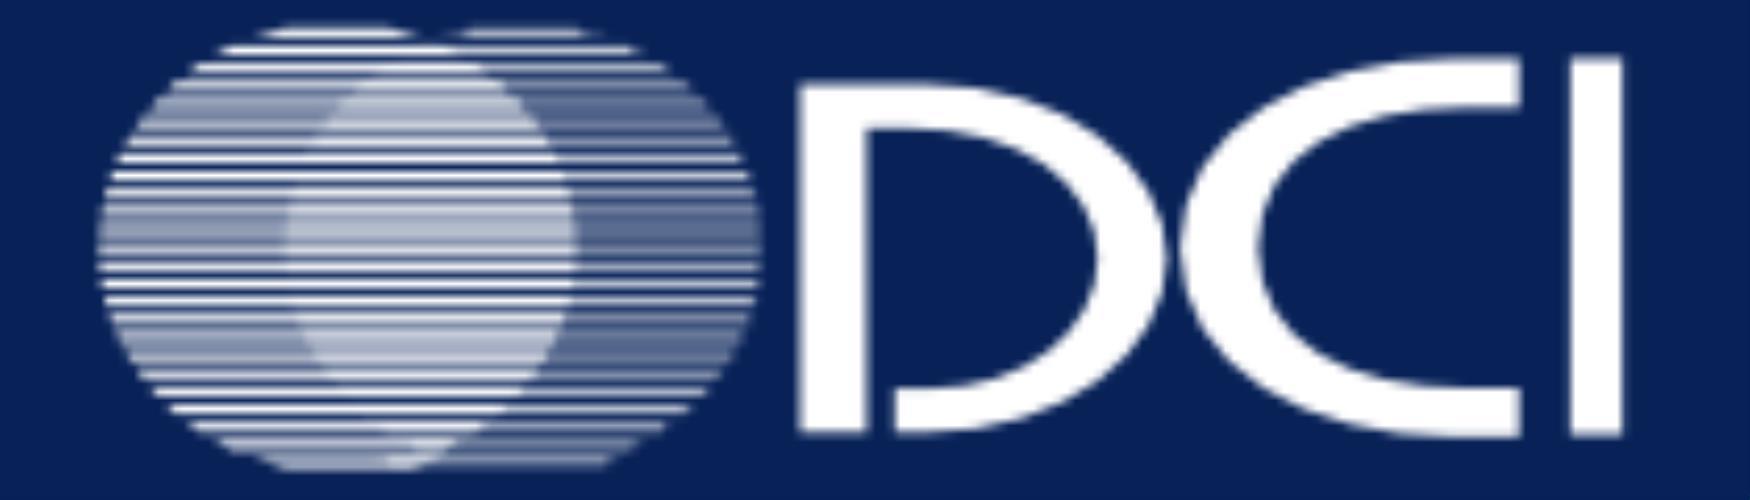 Dezigns Construction Inc